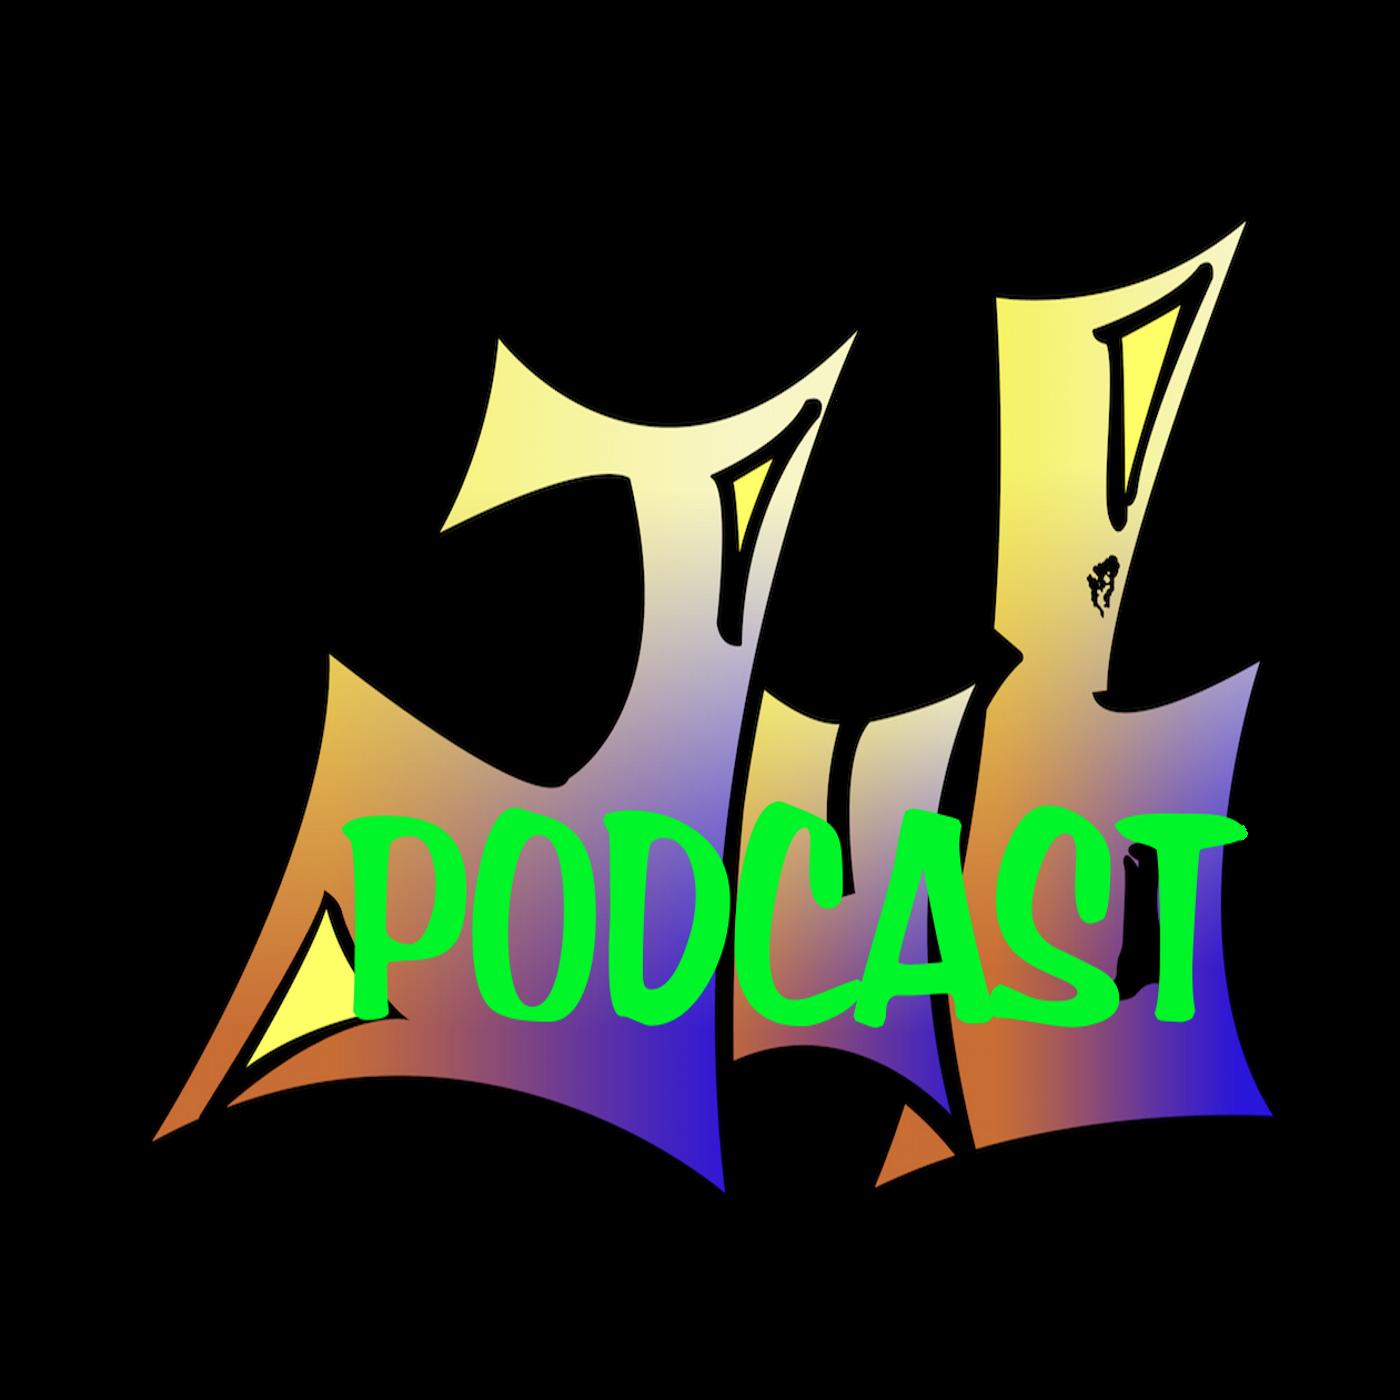 Jub Cast – Folge 4